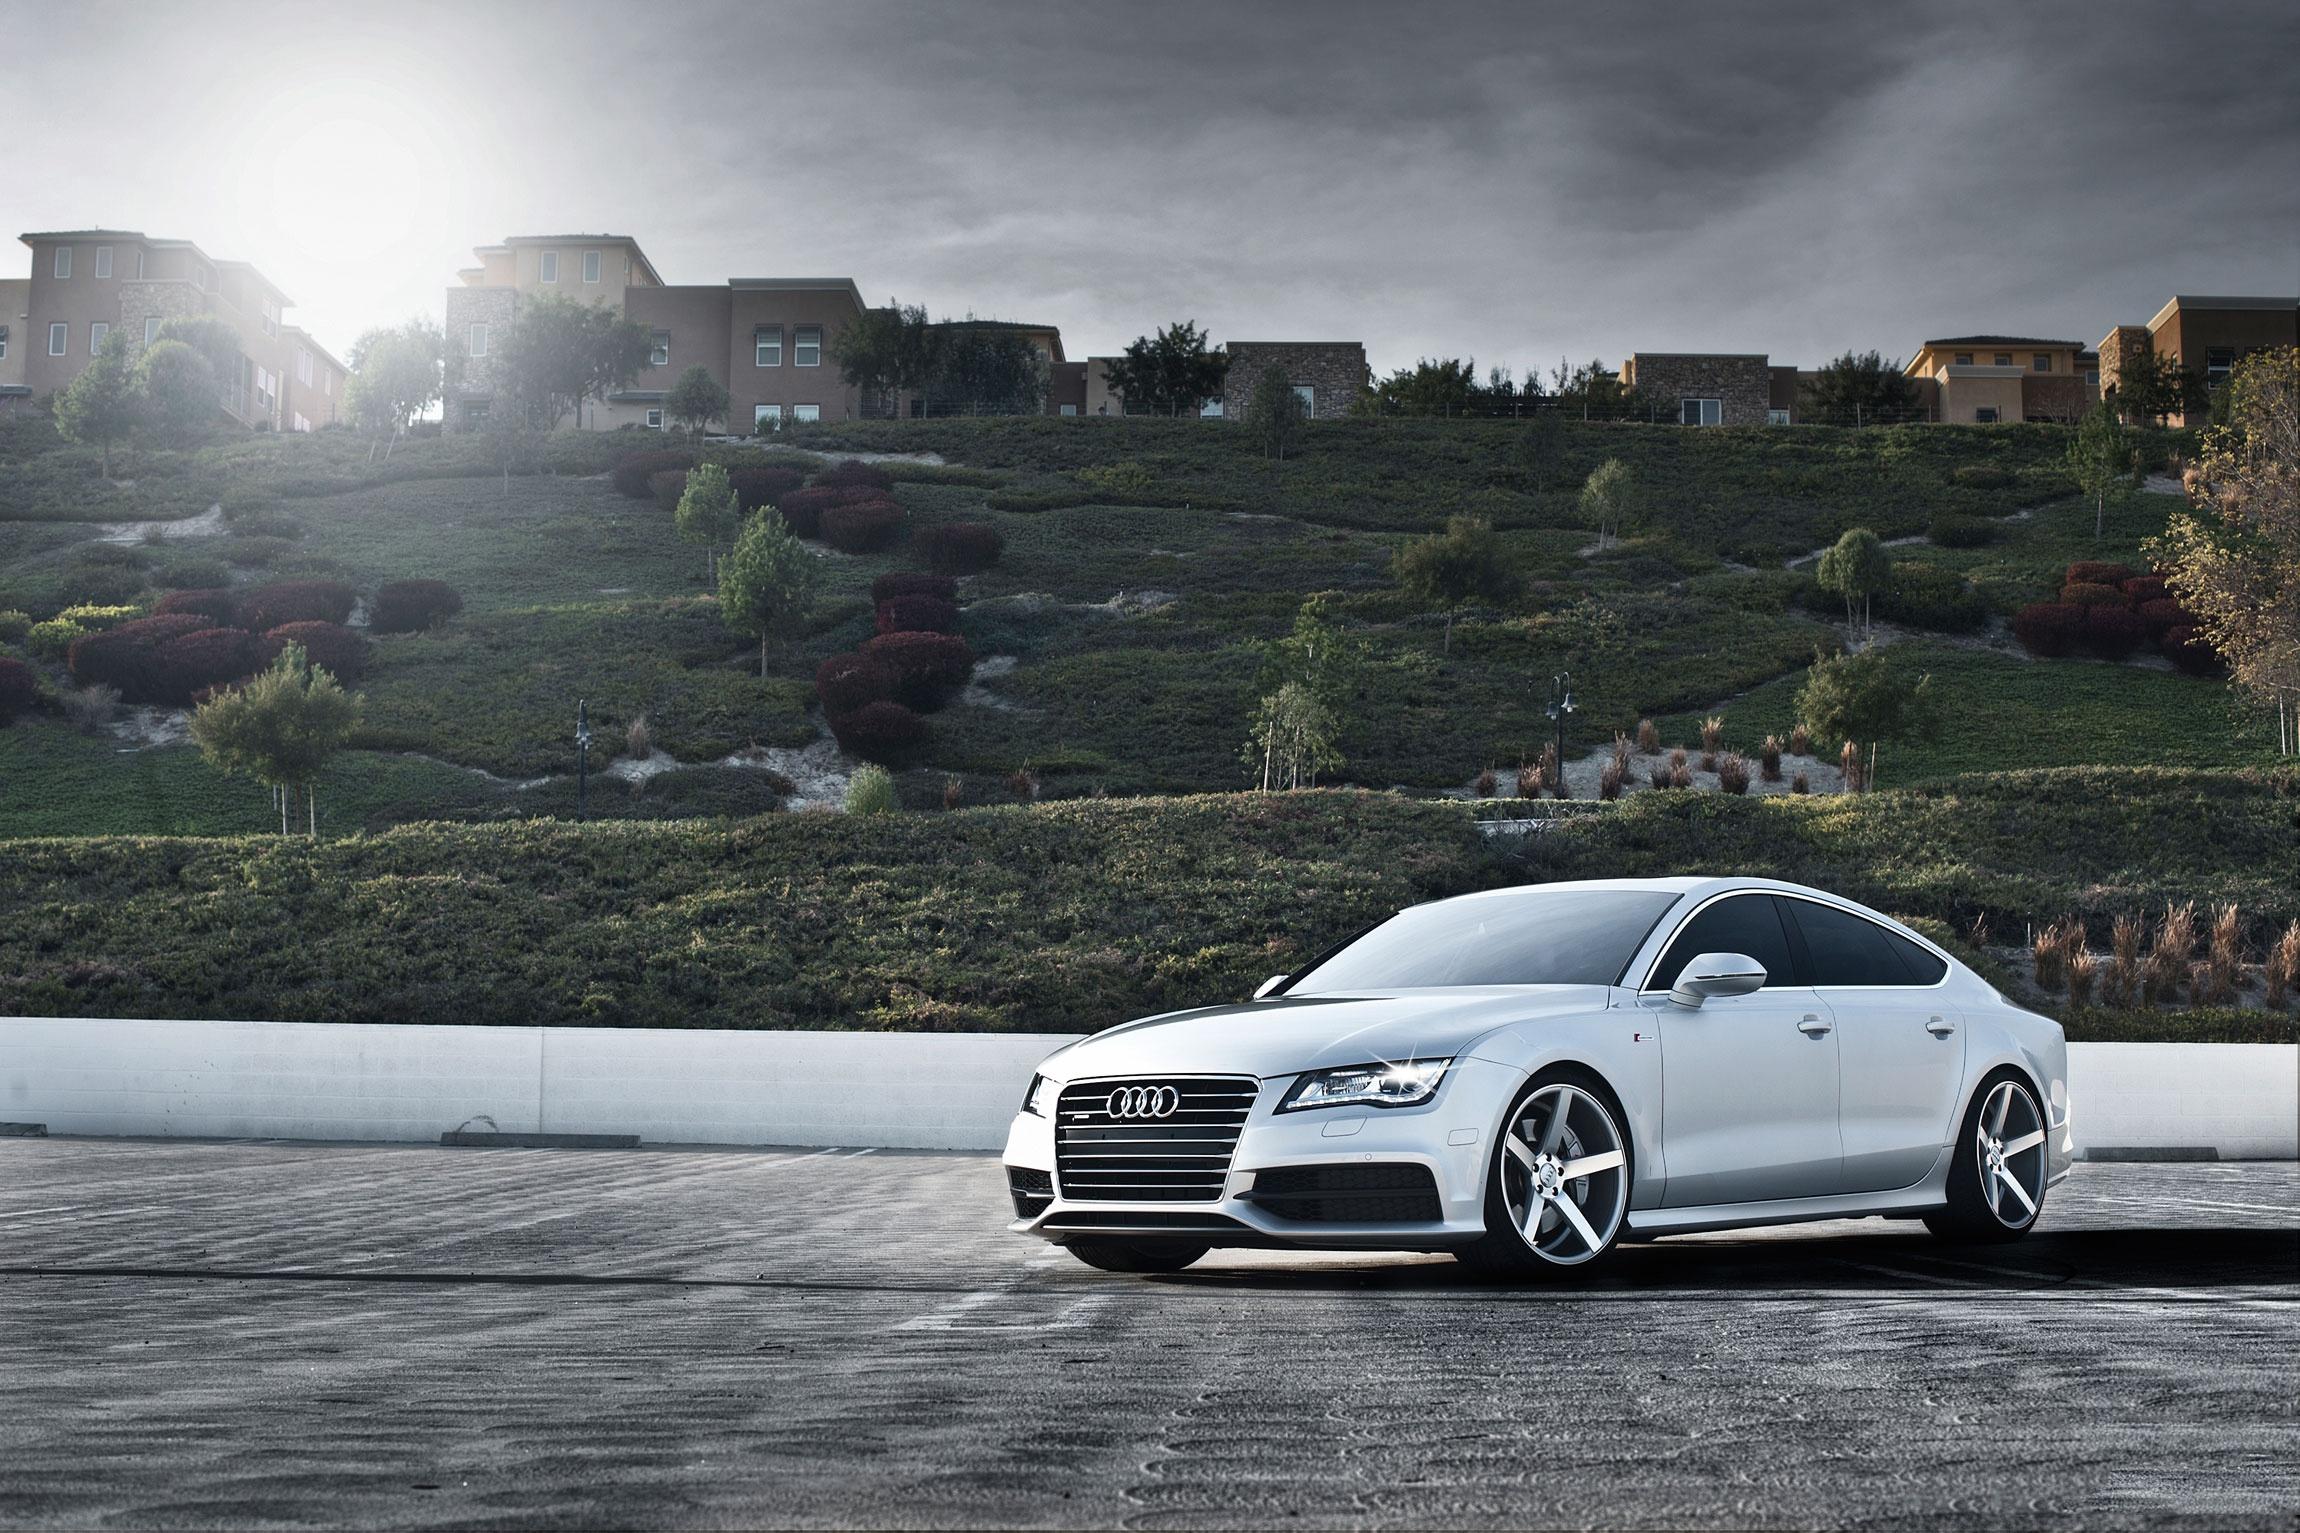 71157 Hintergrundbild herunterladen Auto, Audi, Cars, Maschine - Bildschirmschoner und Bilder kostenlos